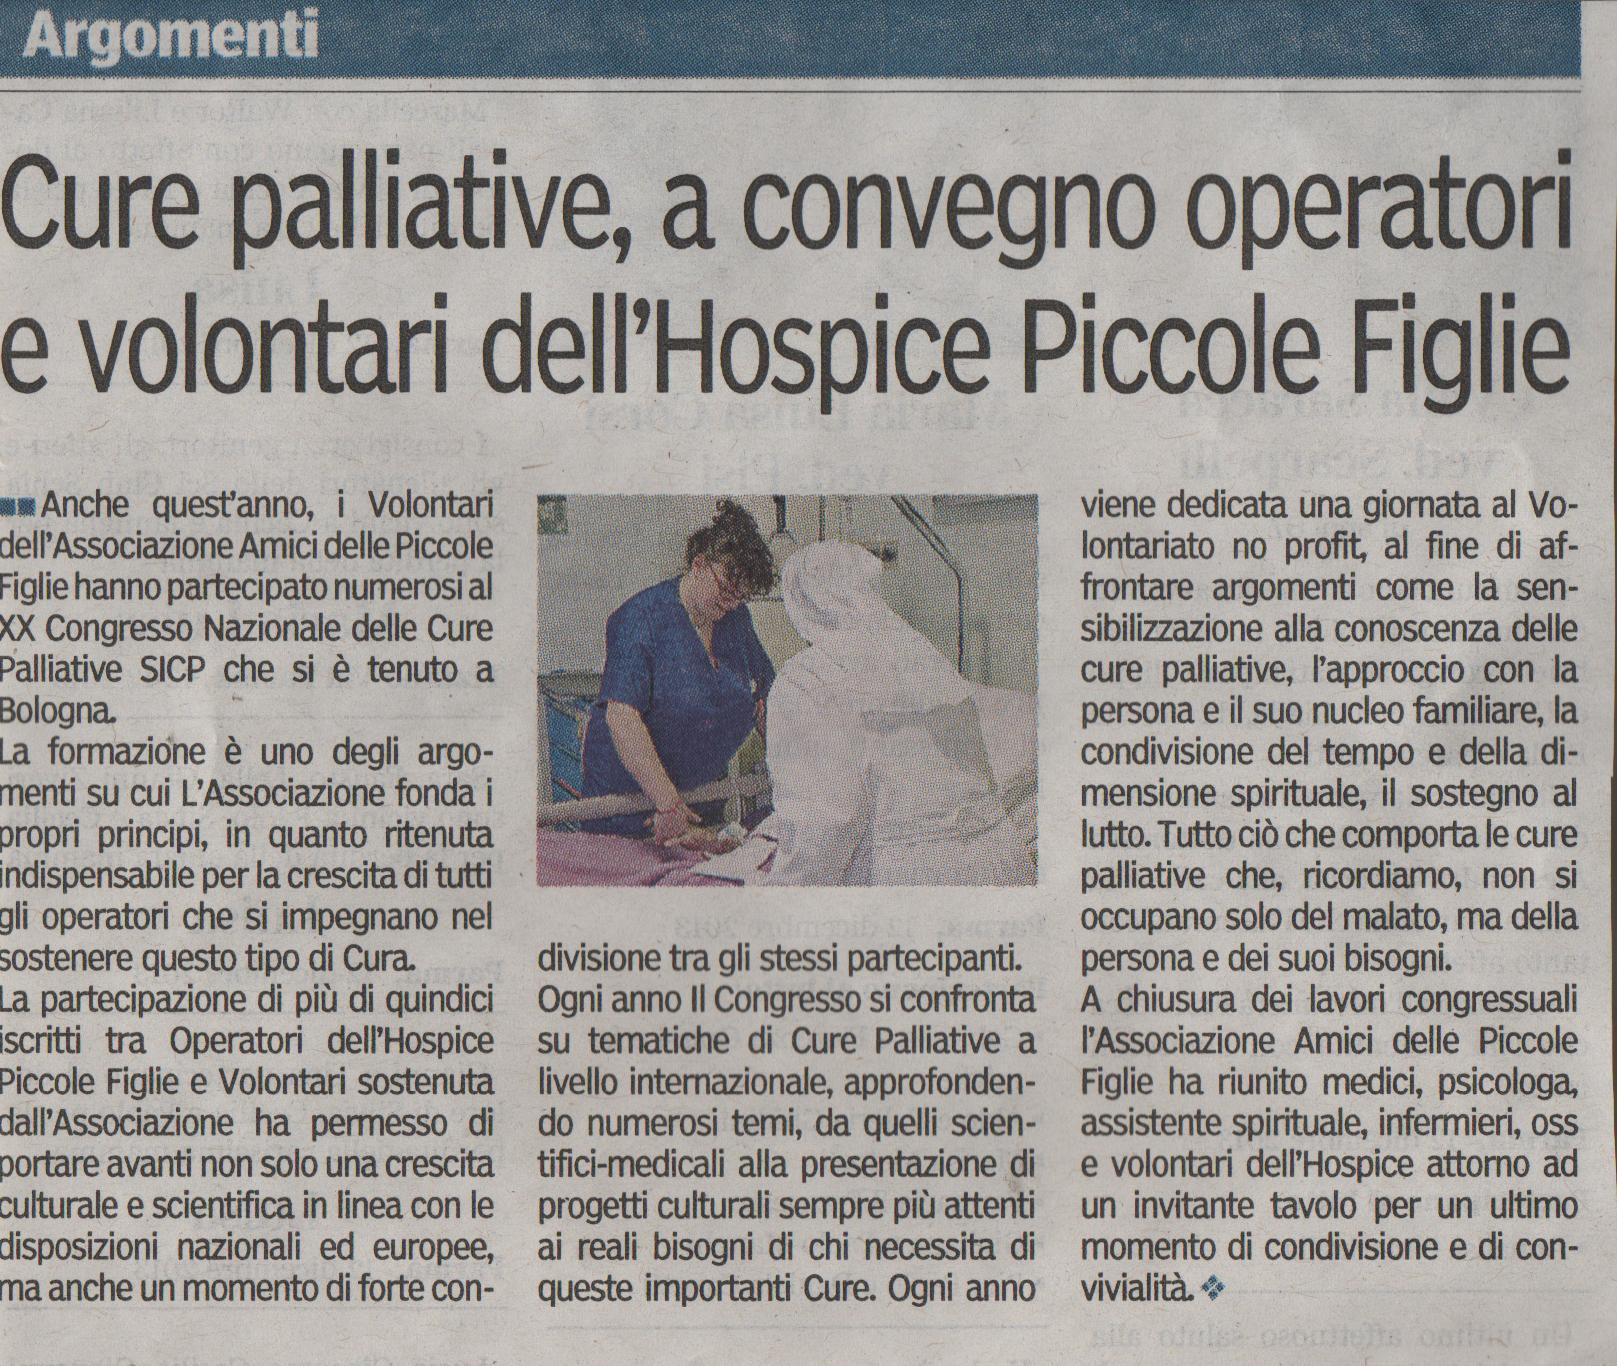 Gazzetta di Parma 15 novembre 2013